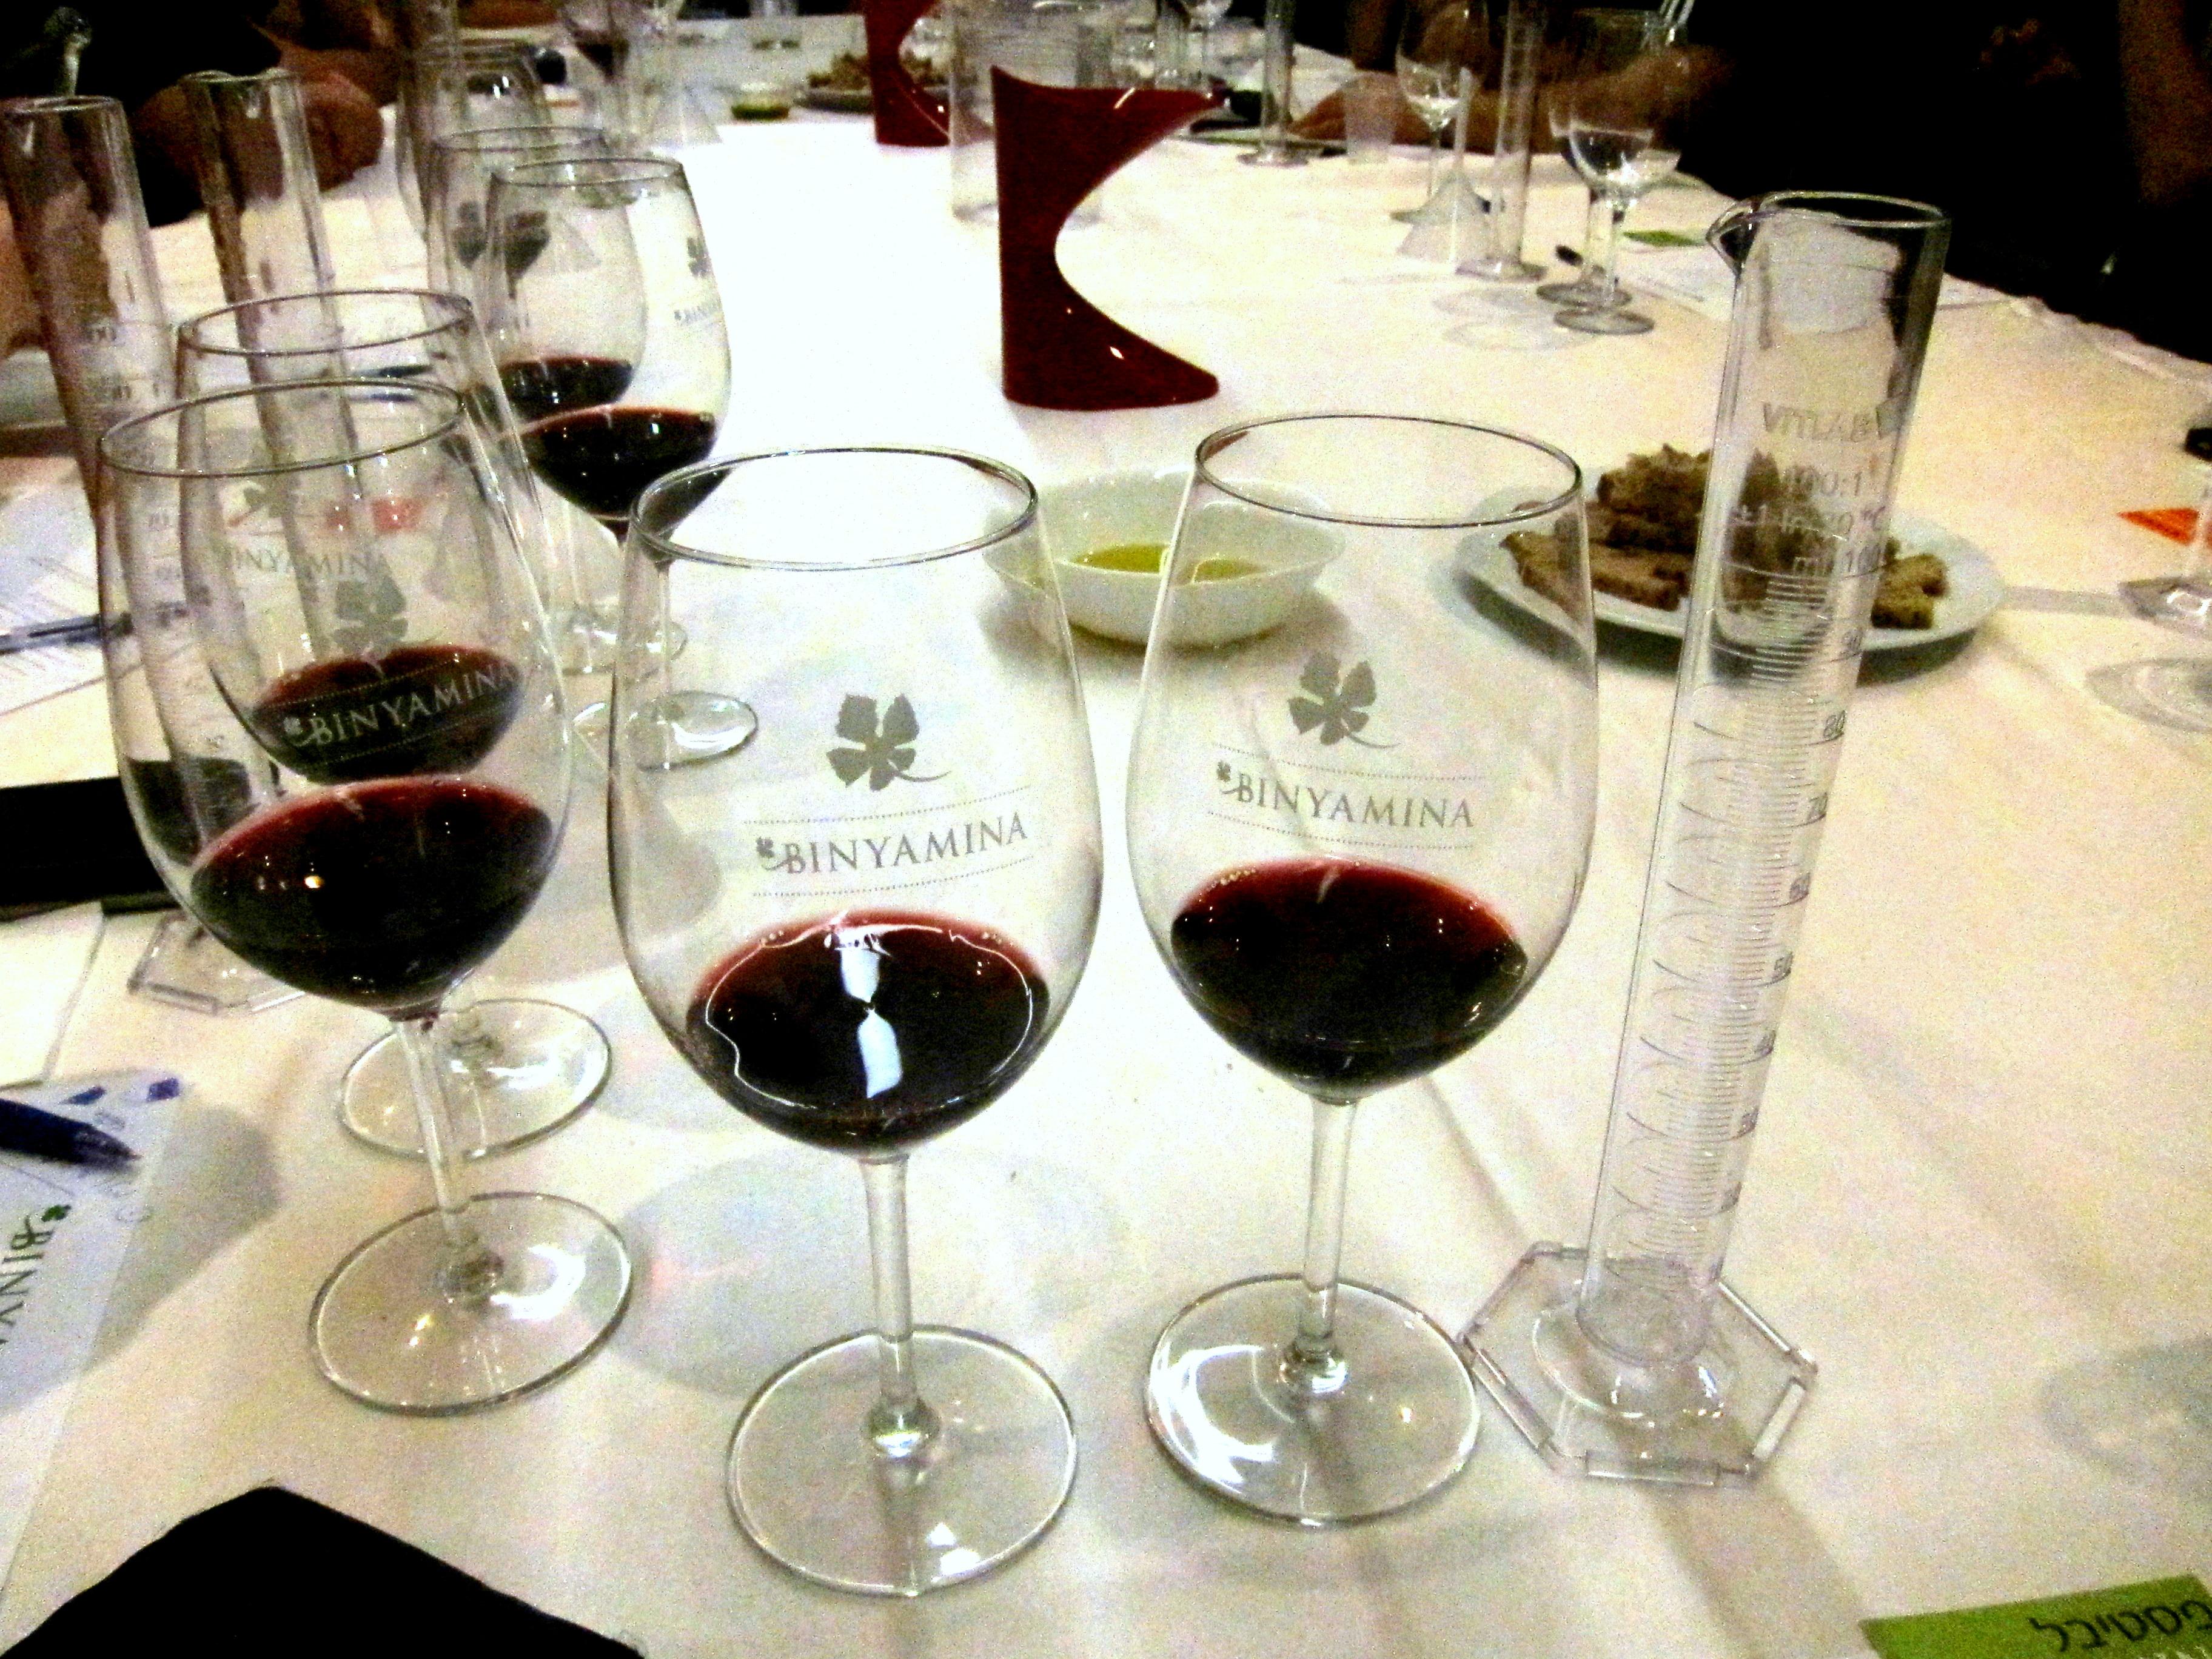 Начинаем работу, изучаем виноматериалы. Для работы у нас было Каберне Совиньон 2012 с Голанских высот (бочка 2010 года), Мерло-1 2012 (плато) бочка 2011, Мерло-2 2012 (склон) бочка 2008, Шираз 2013 и Петит Сира 2013.